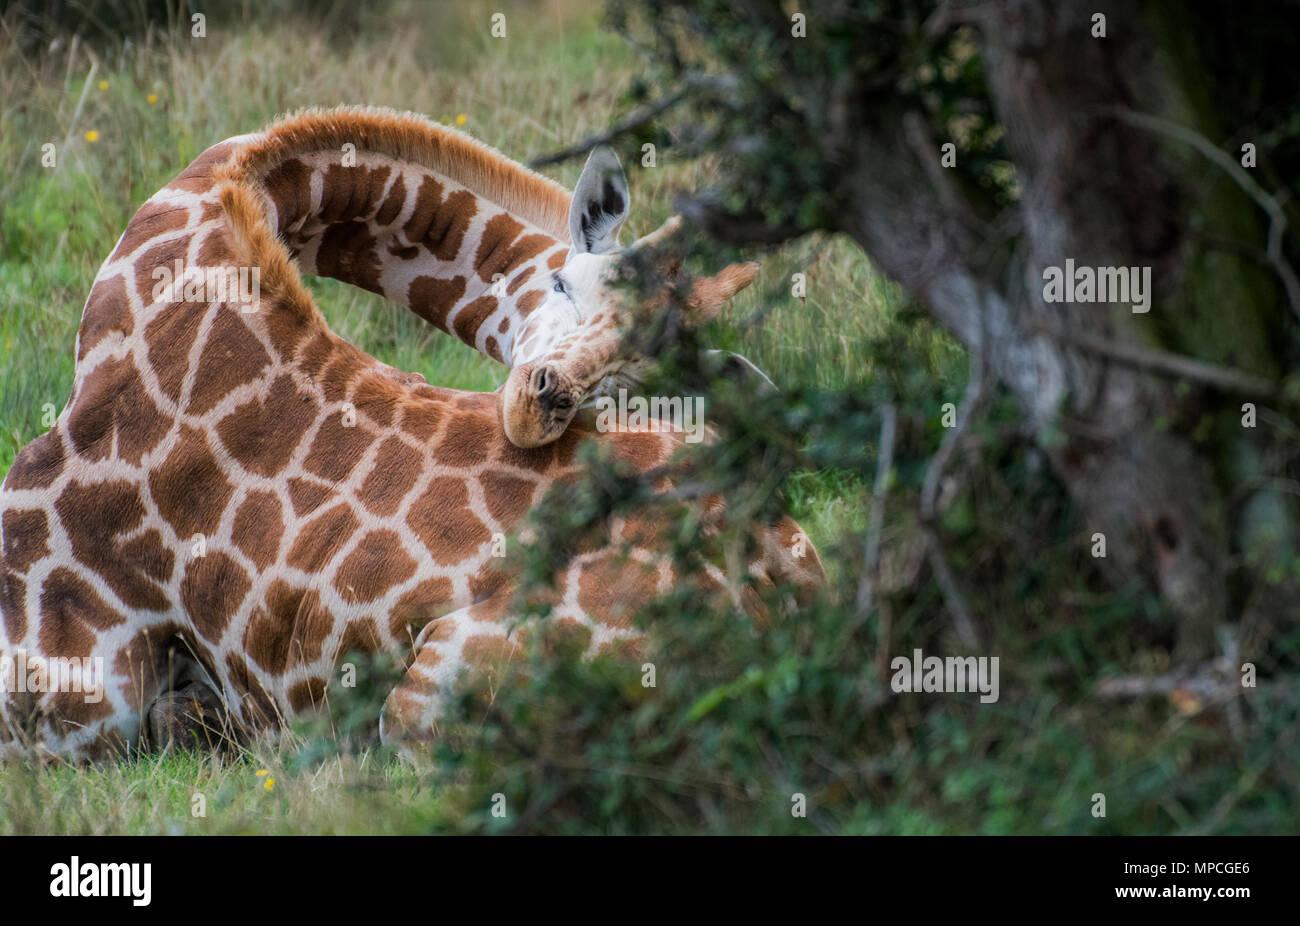 a rare moment catching a wild giraffe asleep - Stock Image